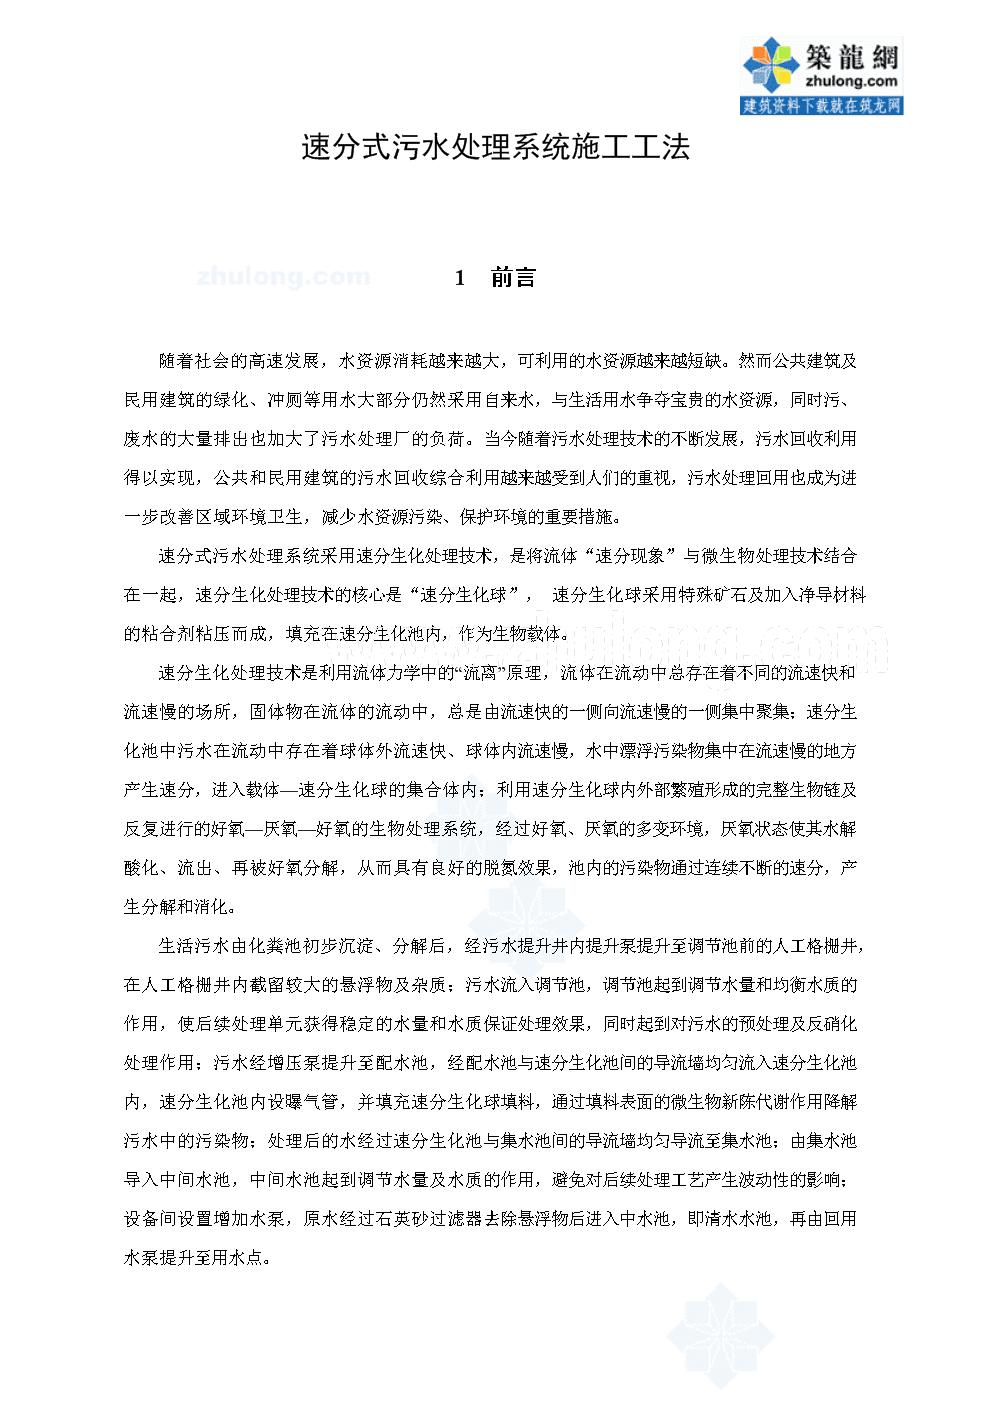 速分式污水处理系统施工工法(北京市级工法)_secret.doc